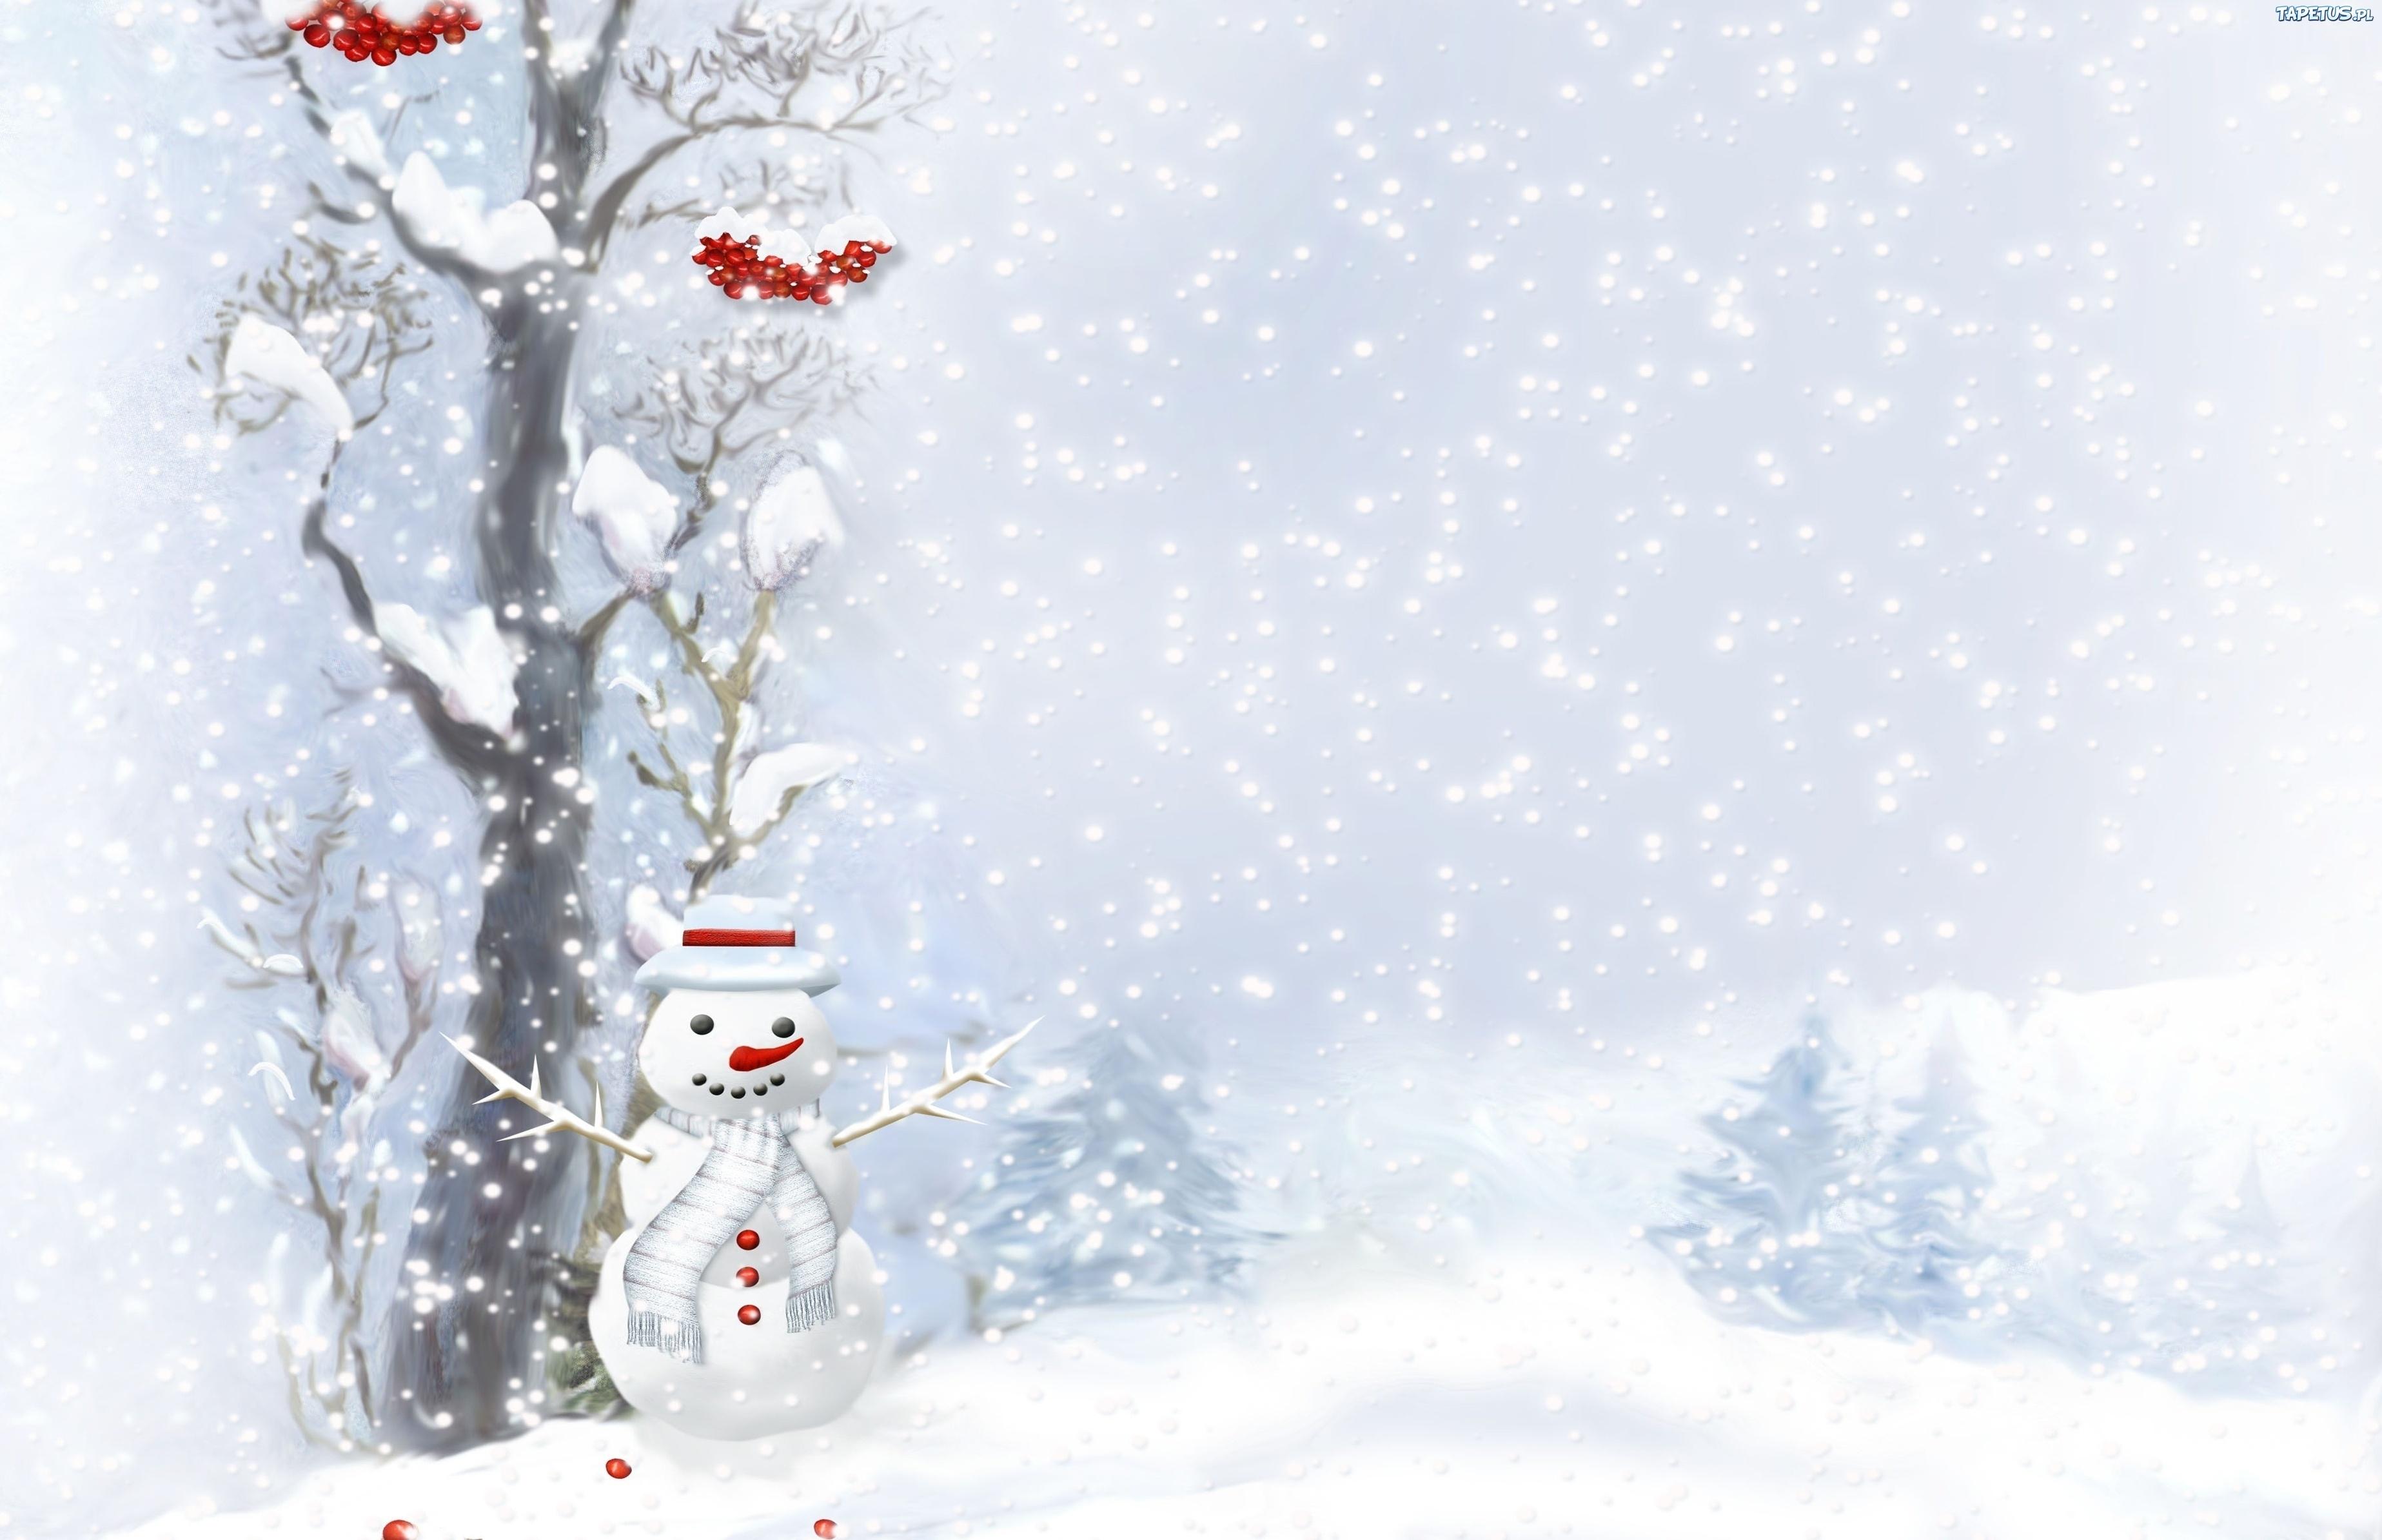 Снеговик фонарь снег горы Snowman lantern snow mountains бесплатно